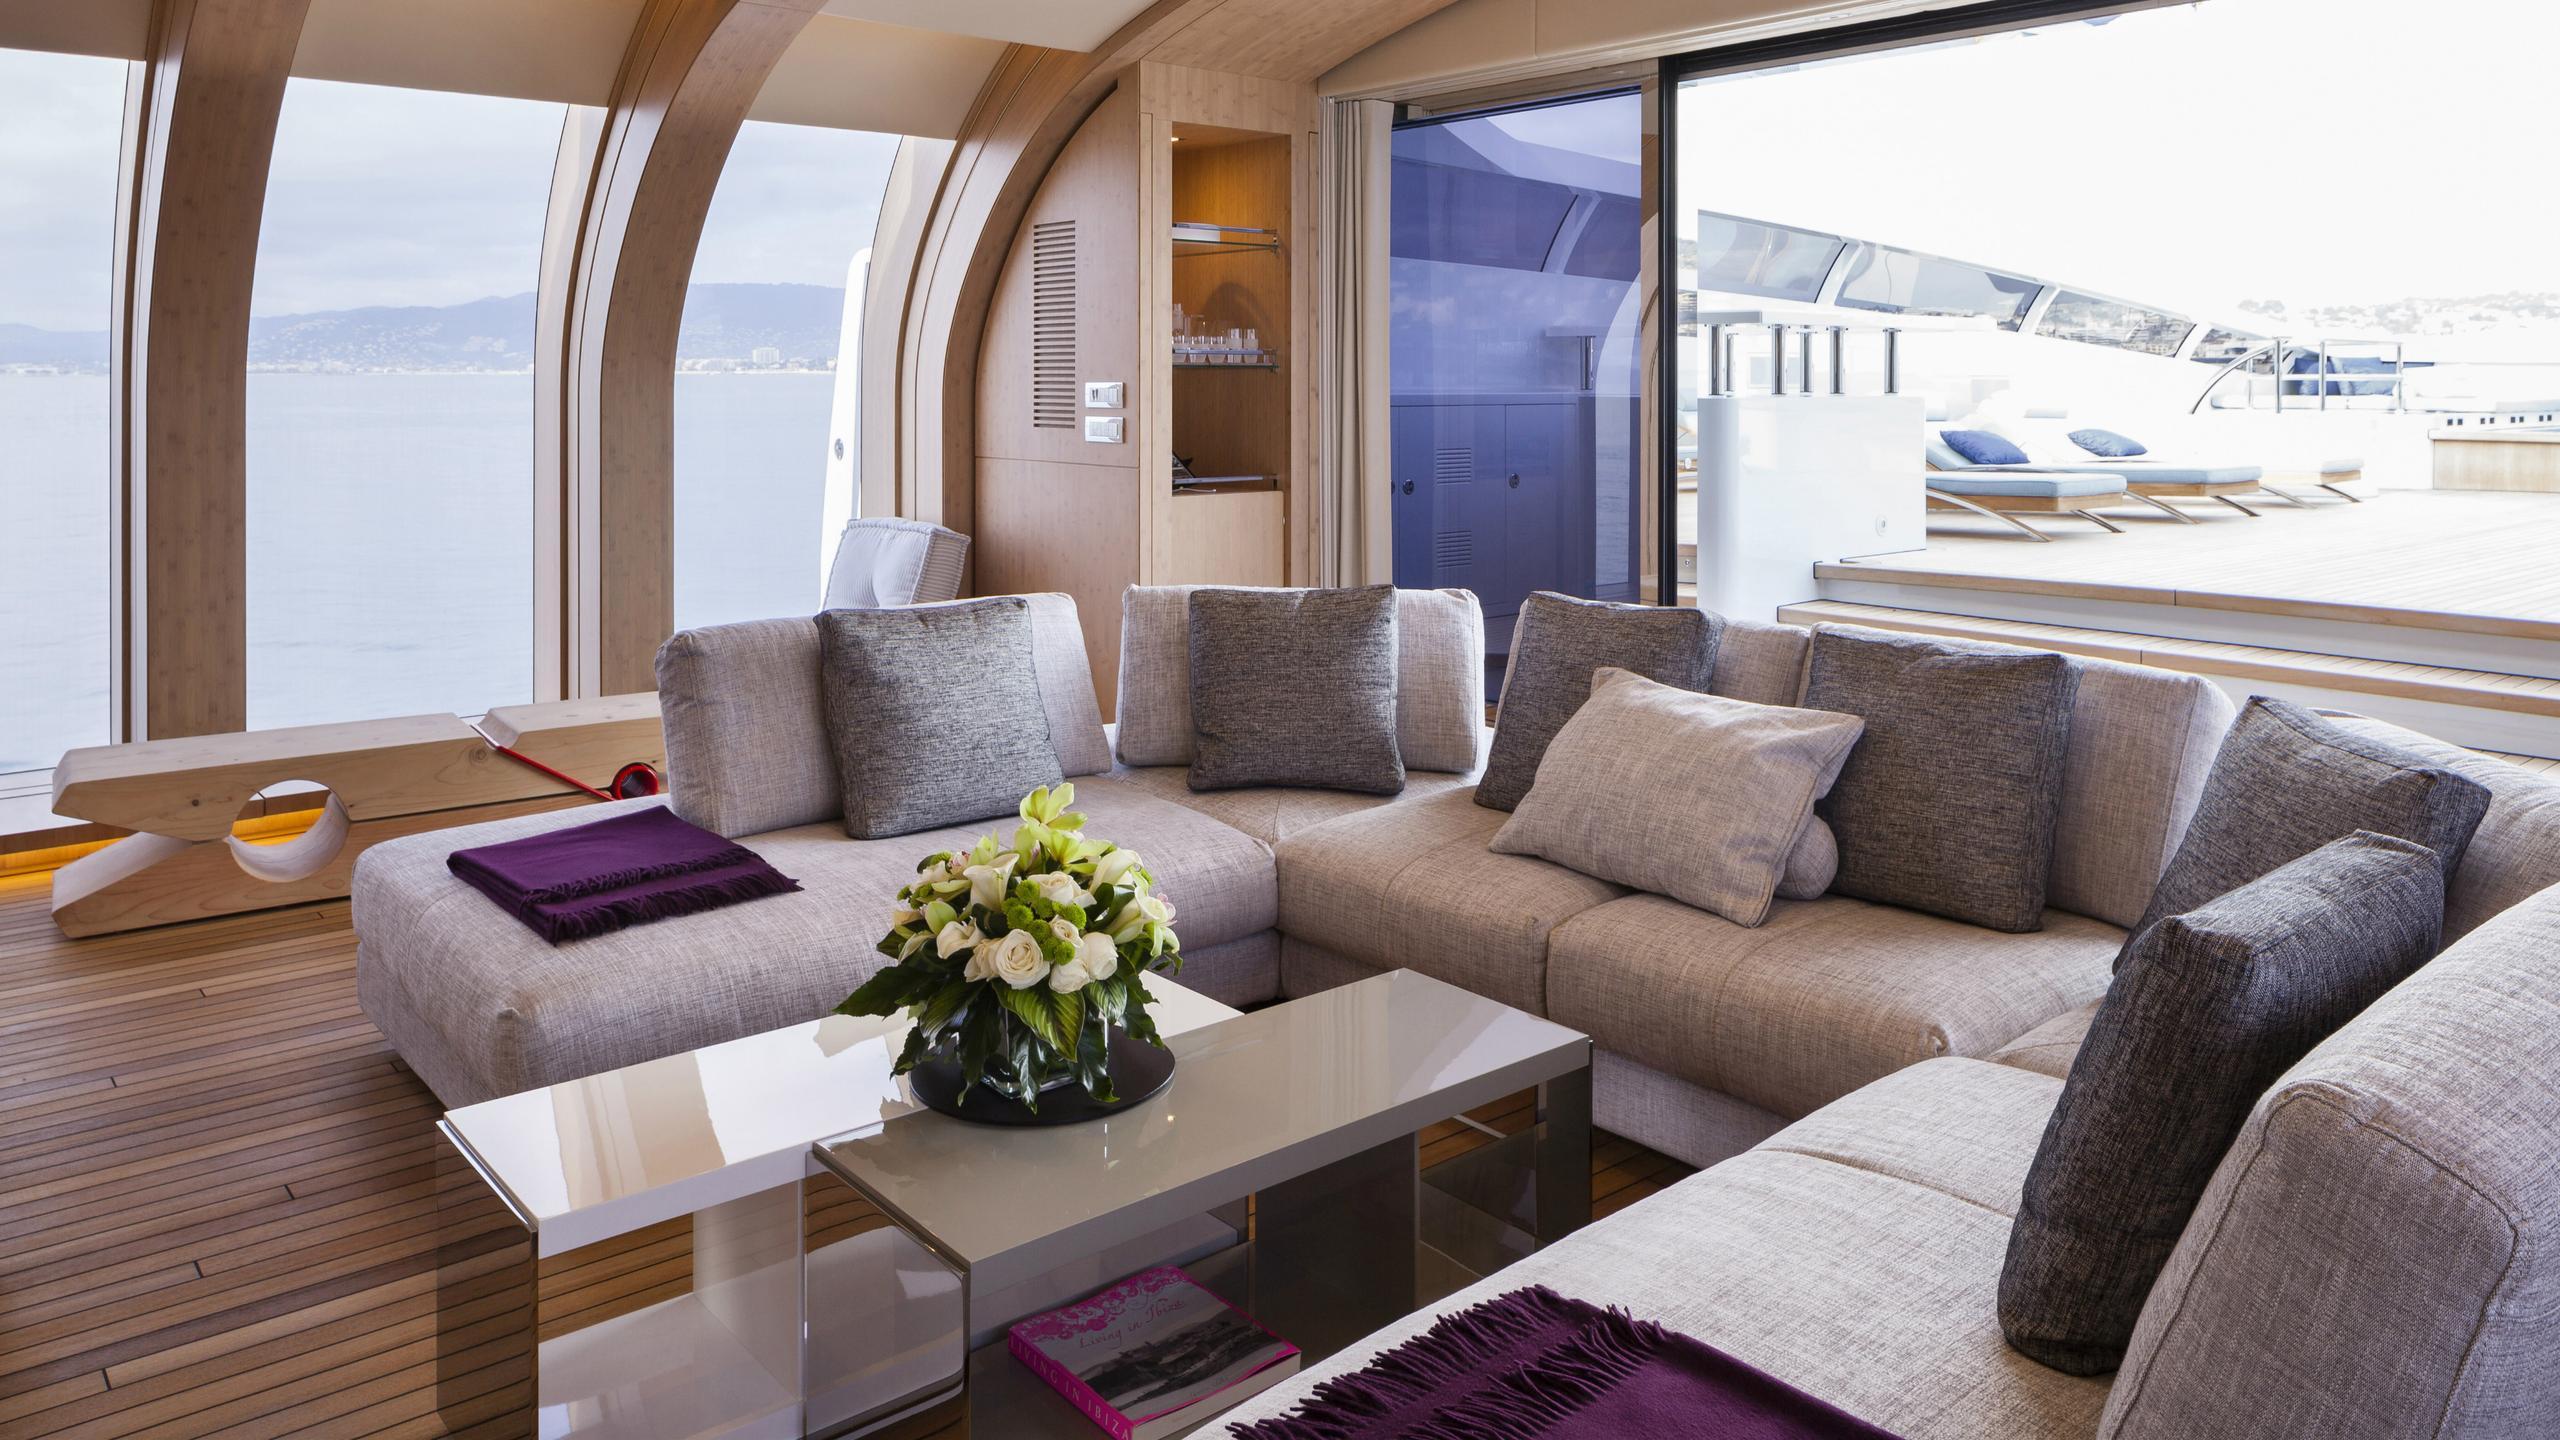 crazy-me-motor-yacht-heesen-2013-50m-saloon